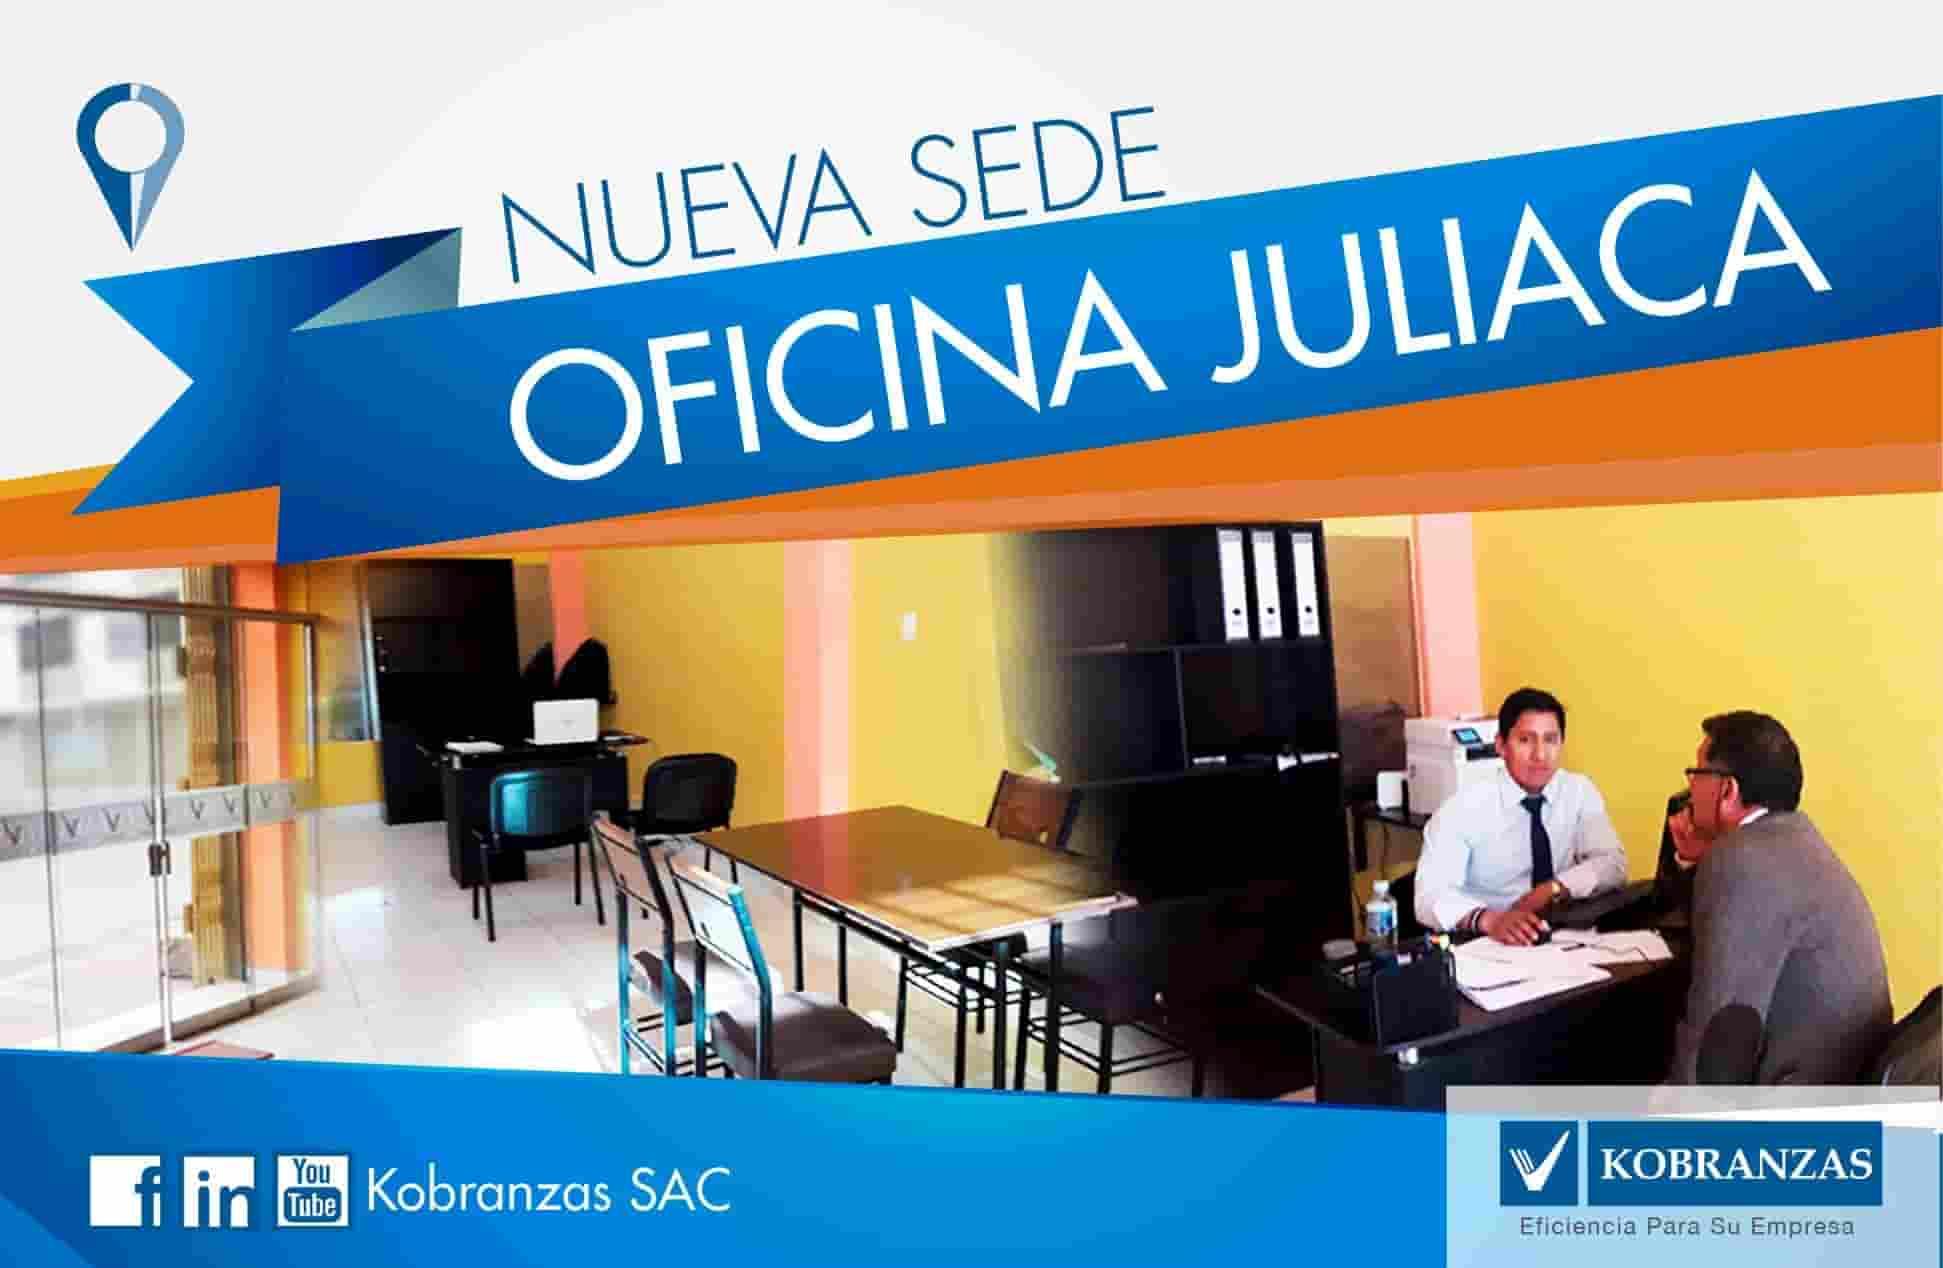 《ペルー小口債務者支援プロジェクトブログ第13弾》<br>Kobsa、ペルー南部にサービスを拡大